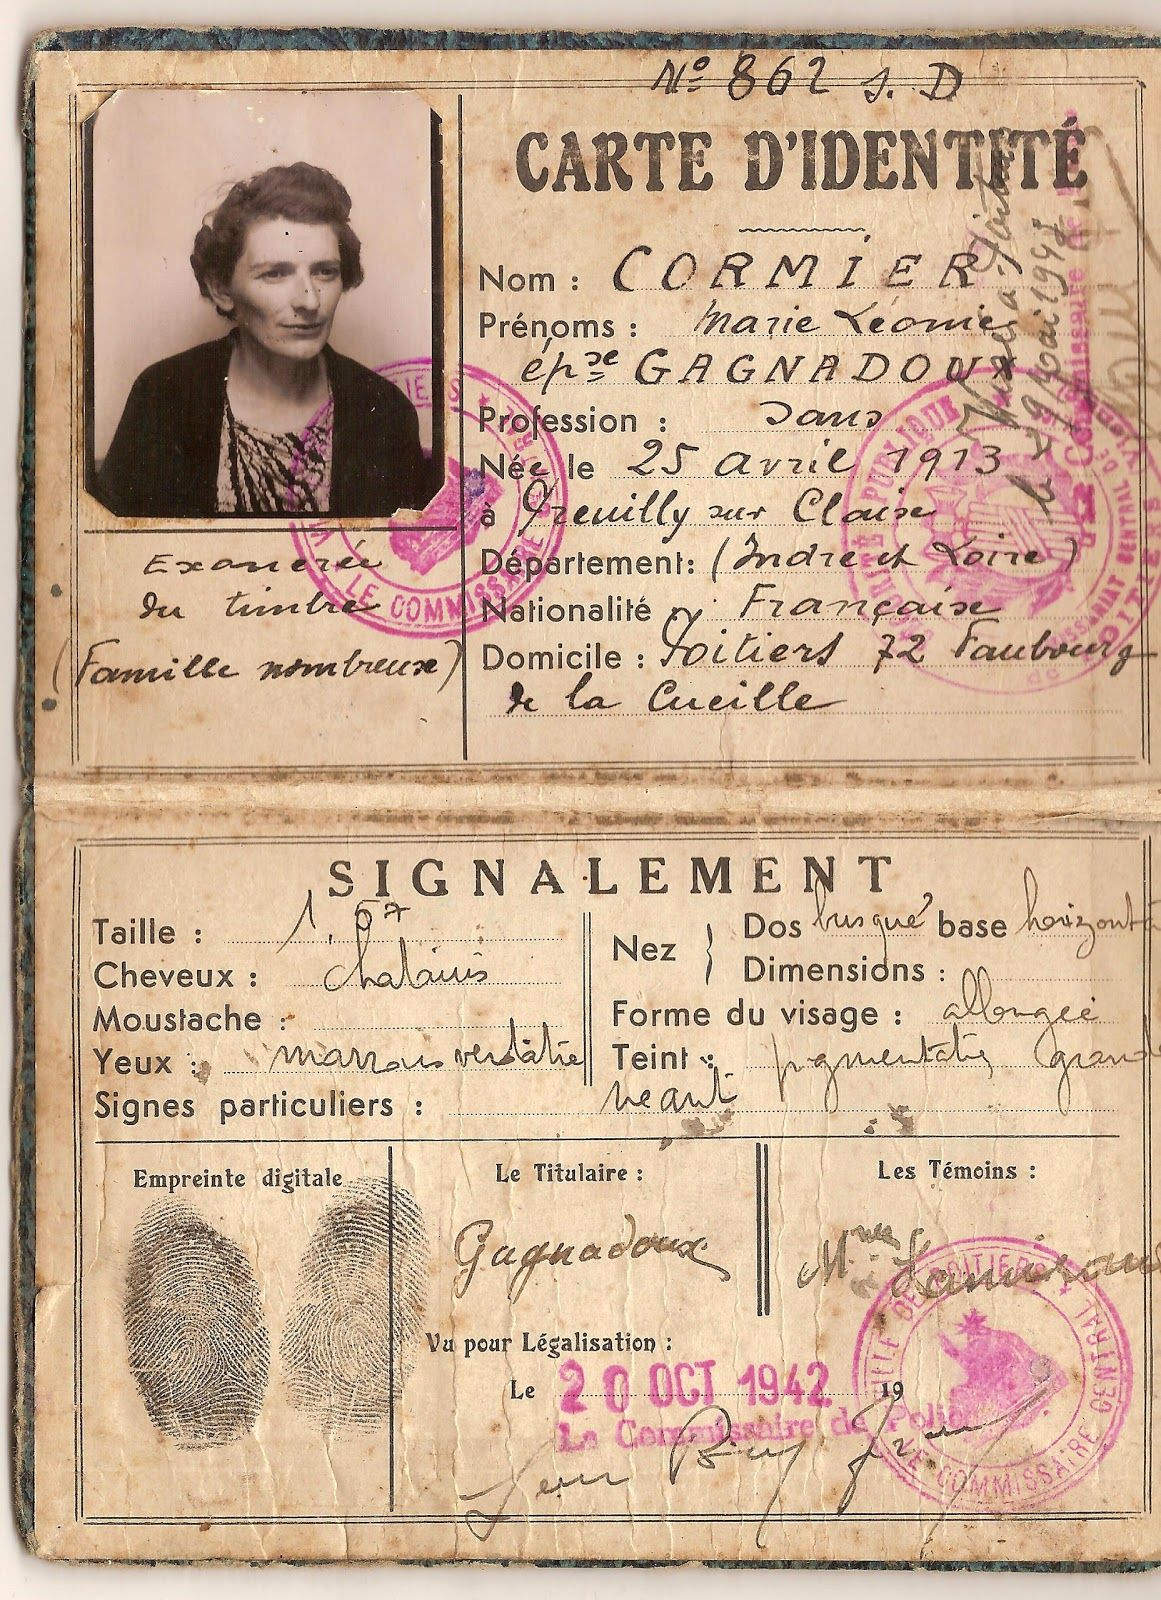 Epingle Par Catherine Bruyelle Sur Cartes D Identites Anciennes